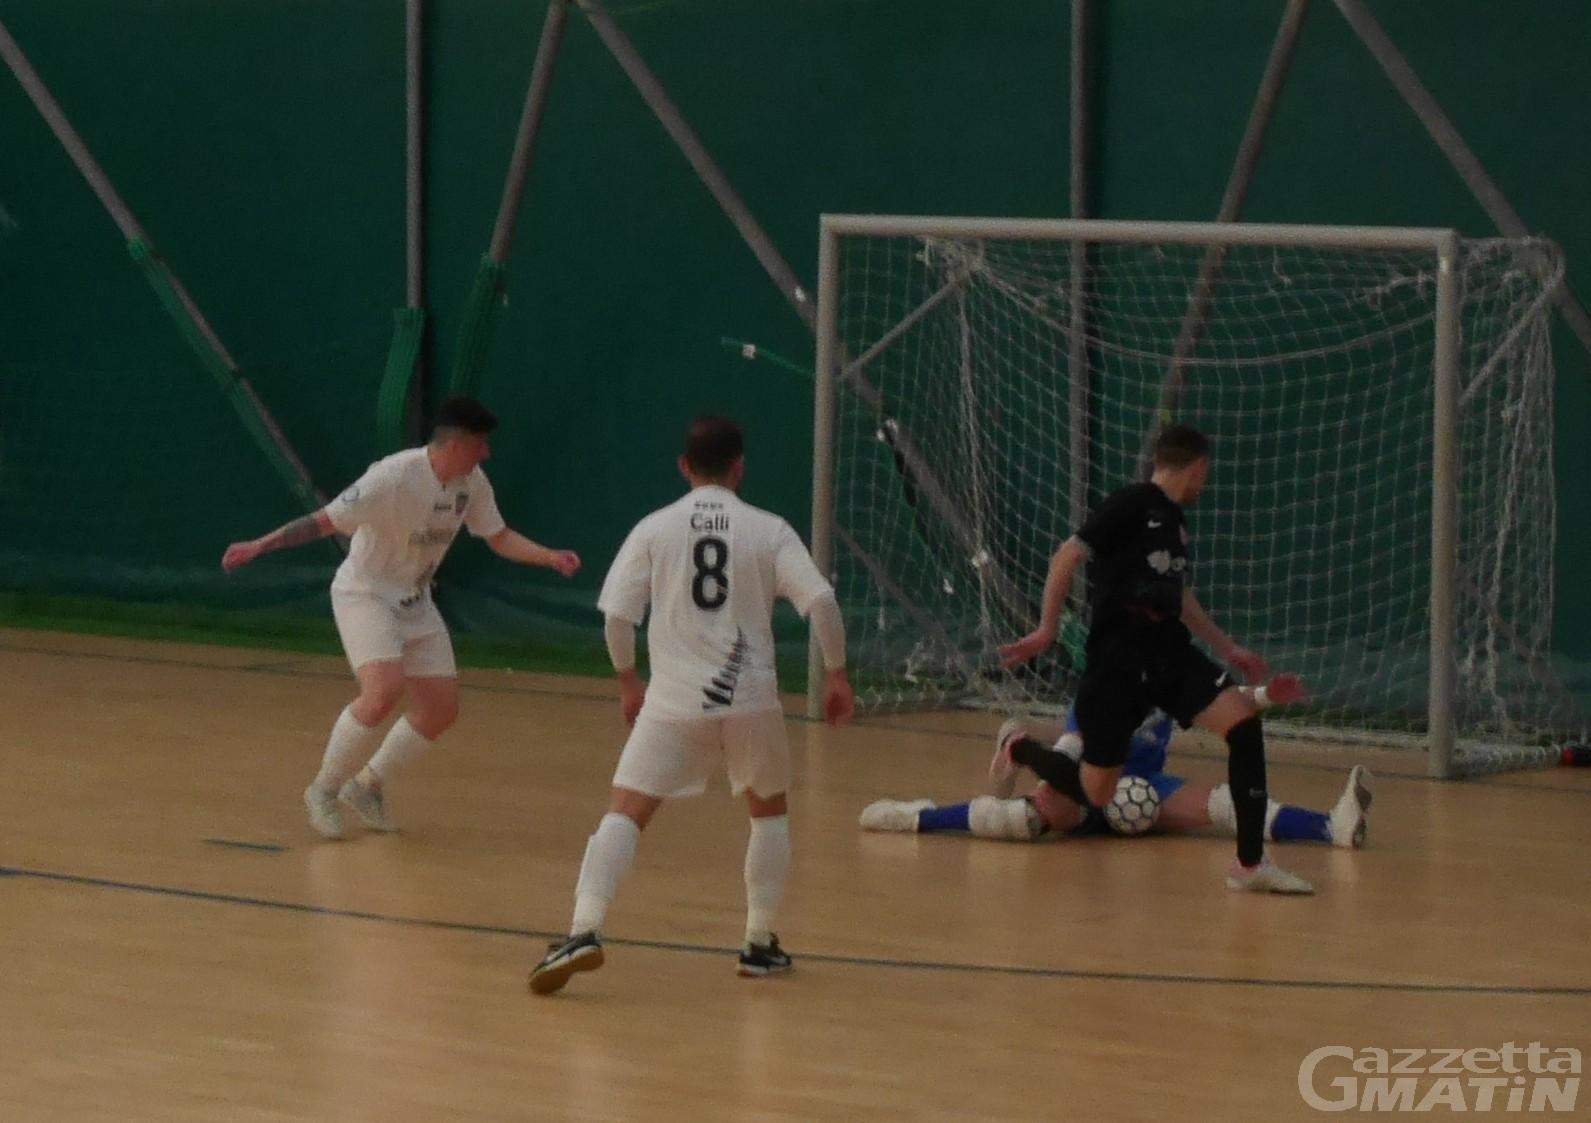 Futsal: falsa partenza dell'Aosta Calcio 511, il 360GG vince 6-0